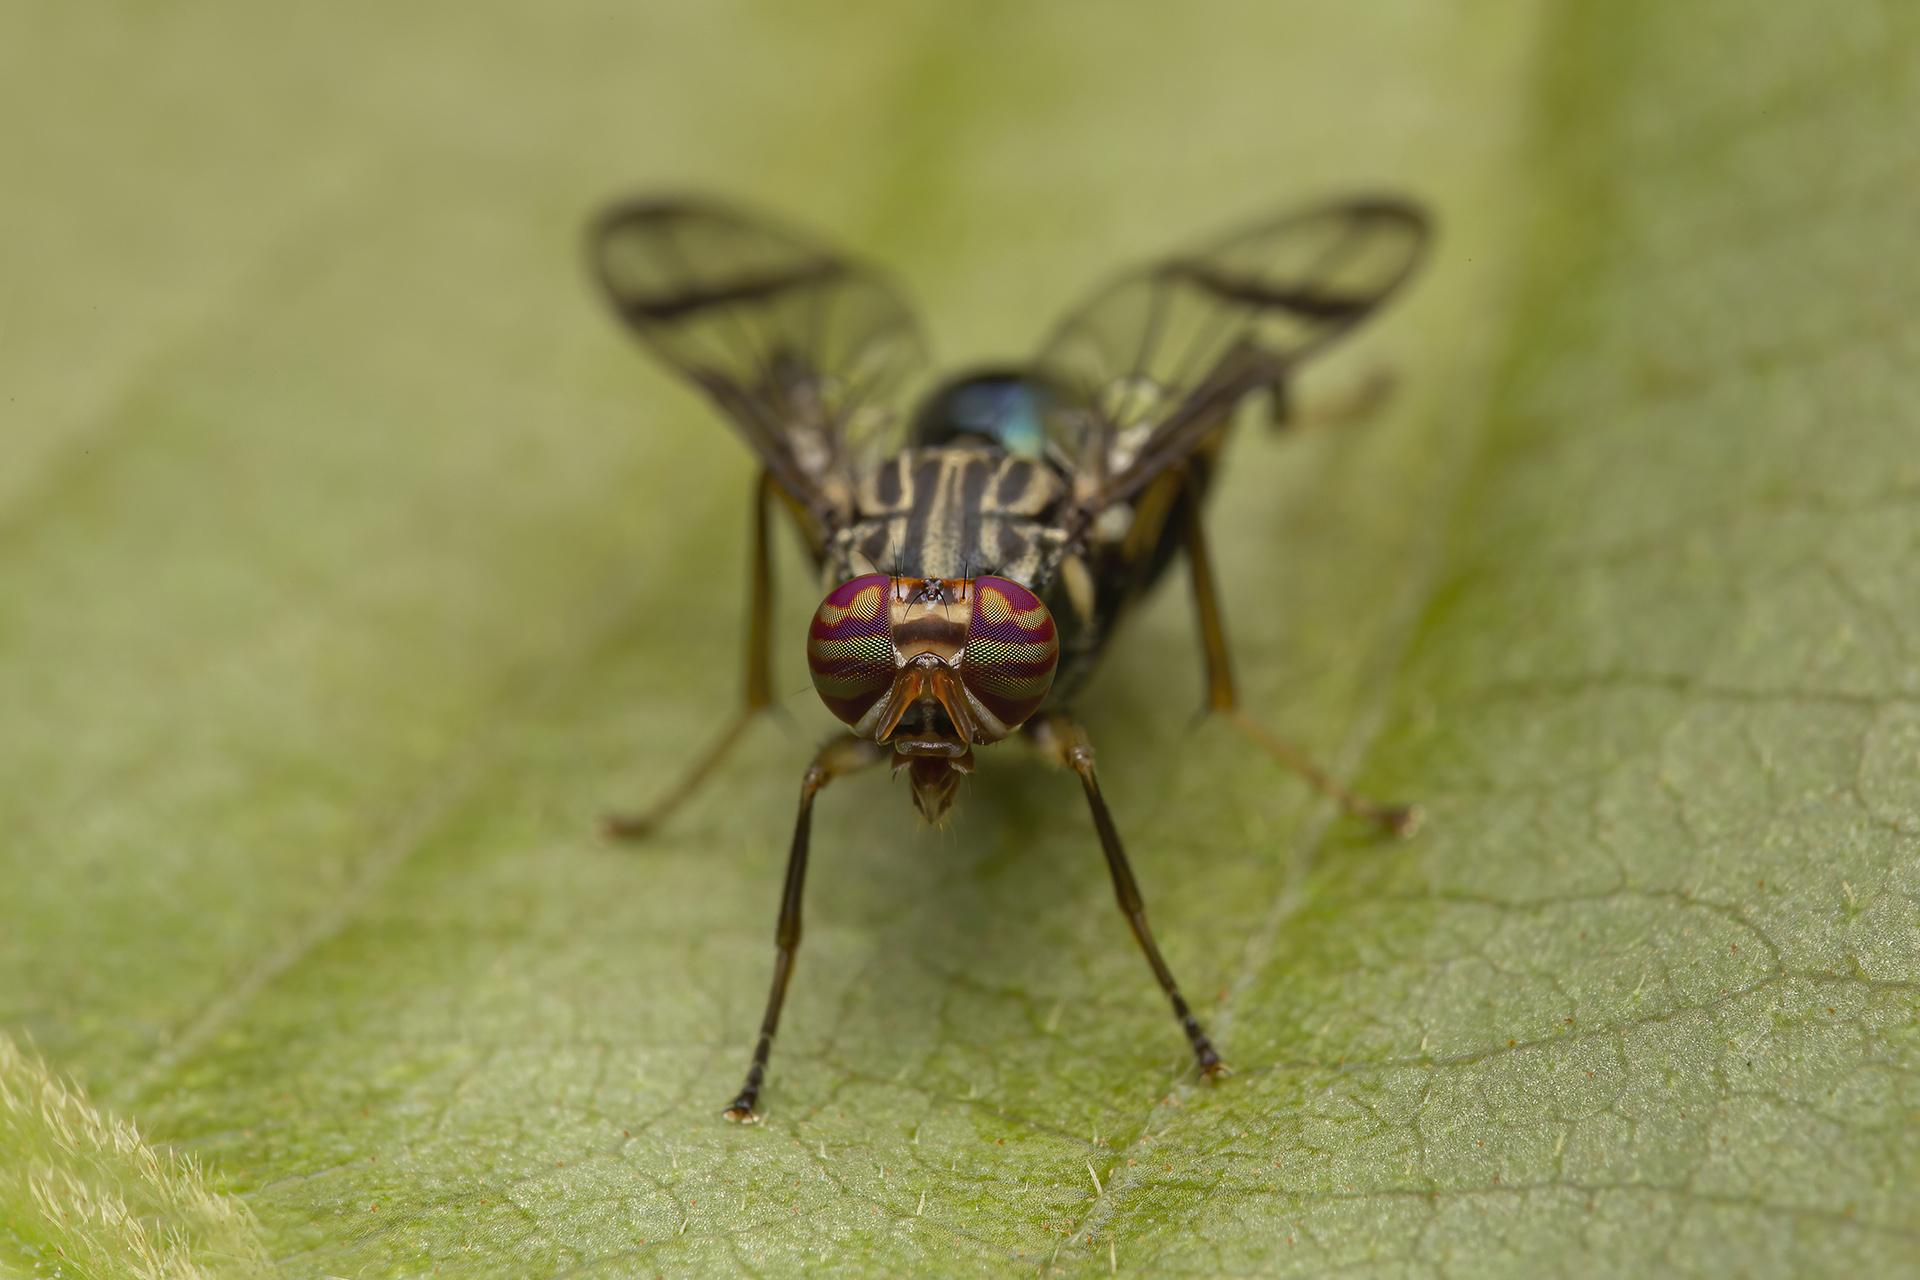 Fly - Diptera - Cynthia Bandurek